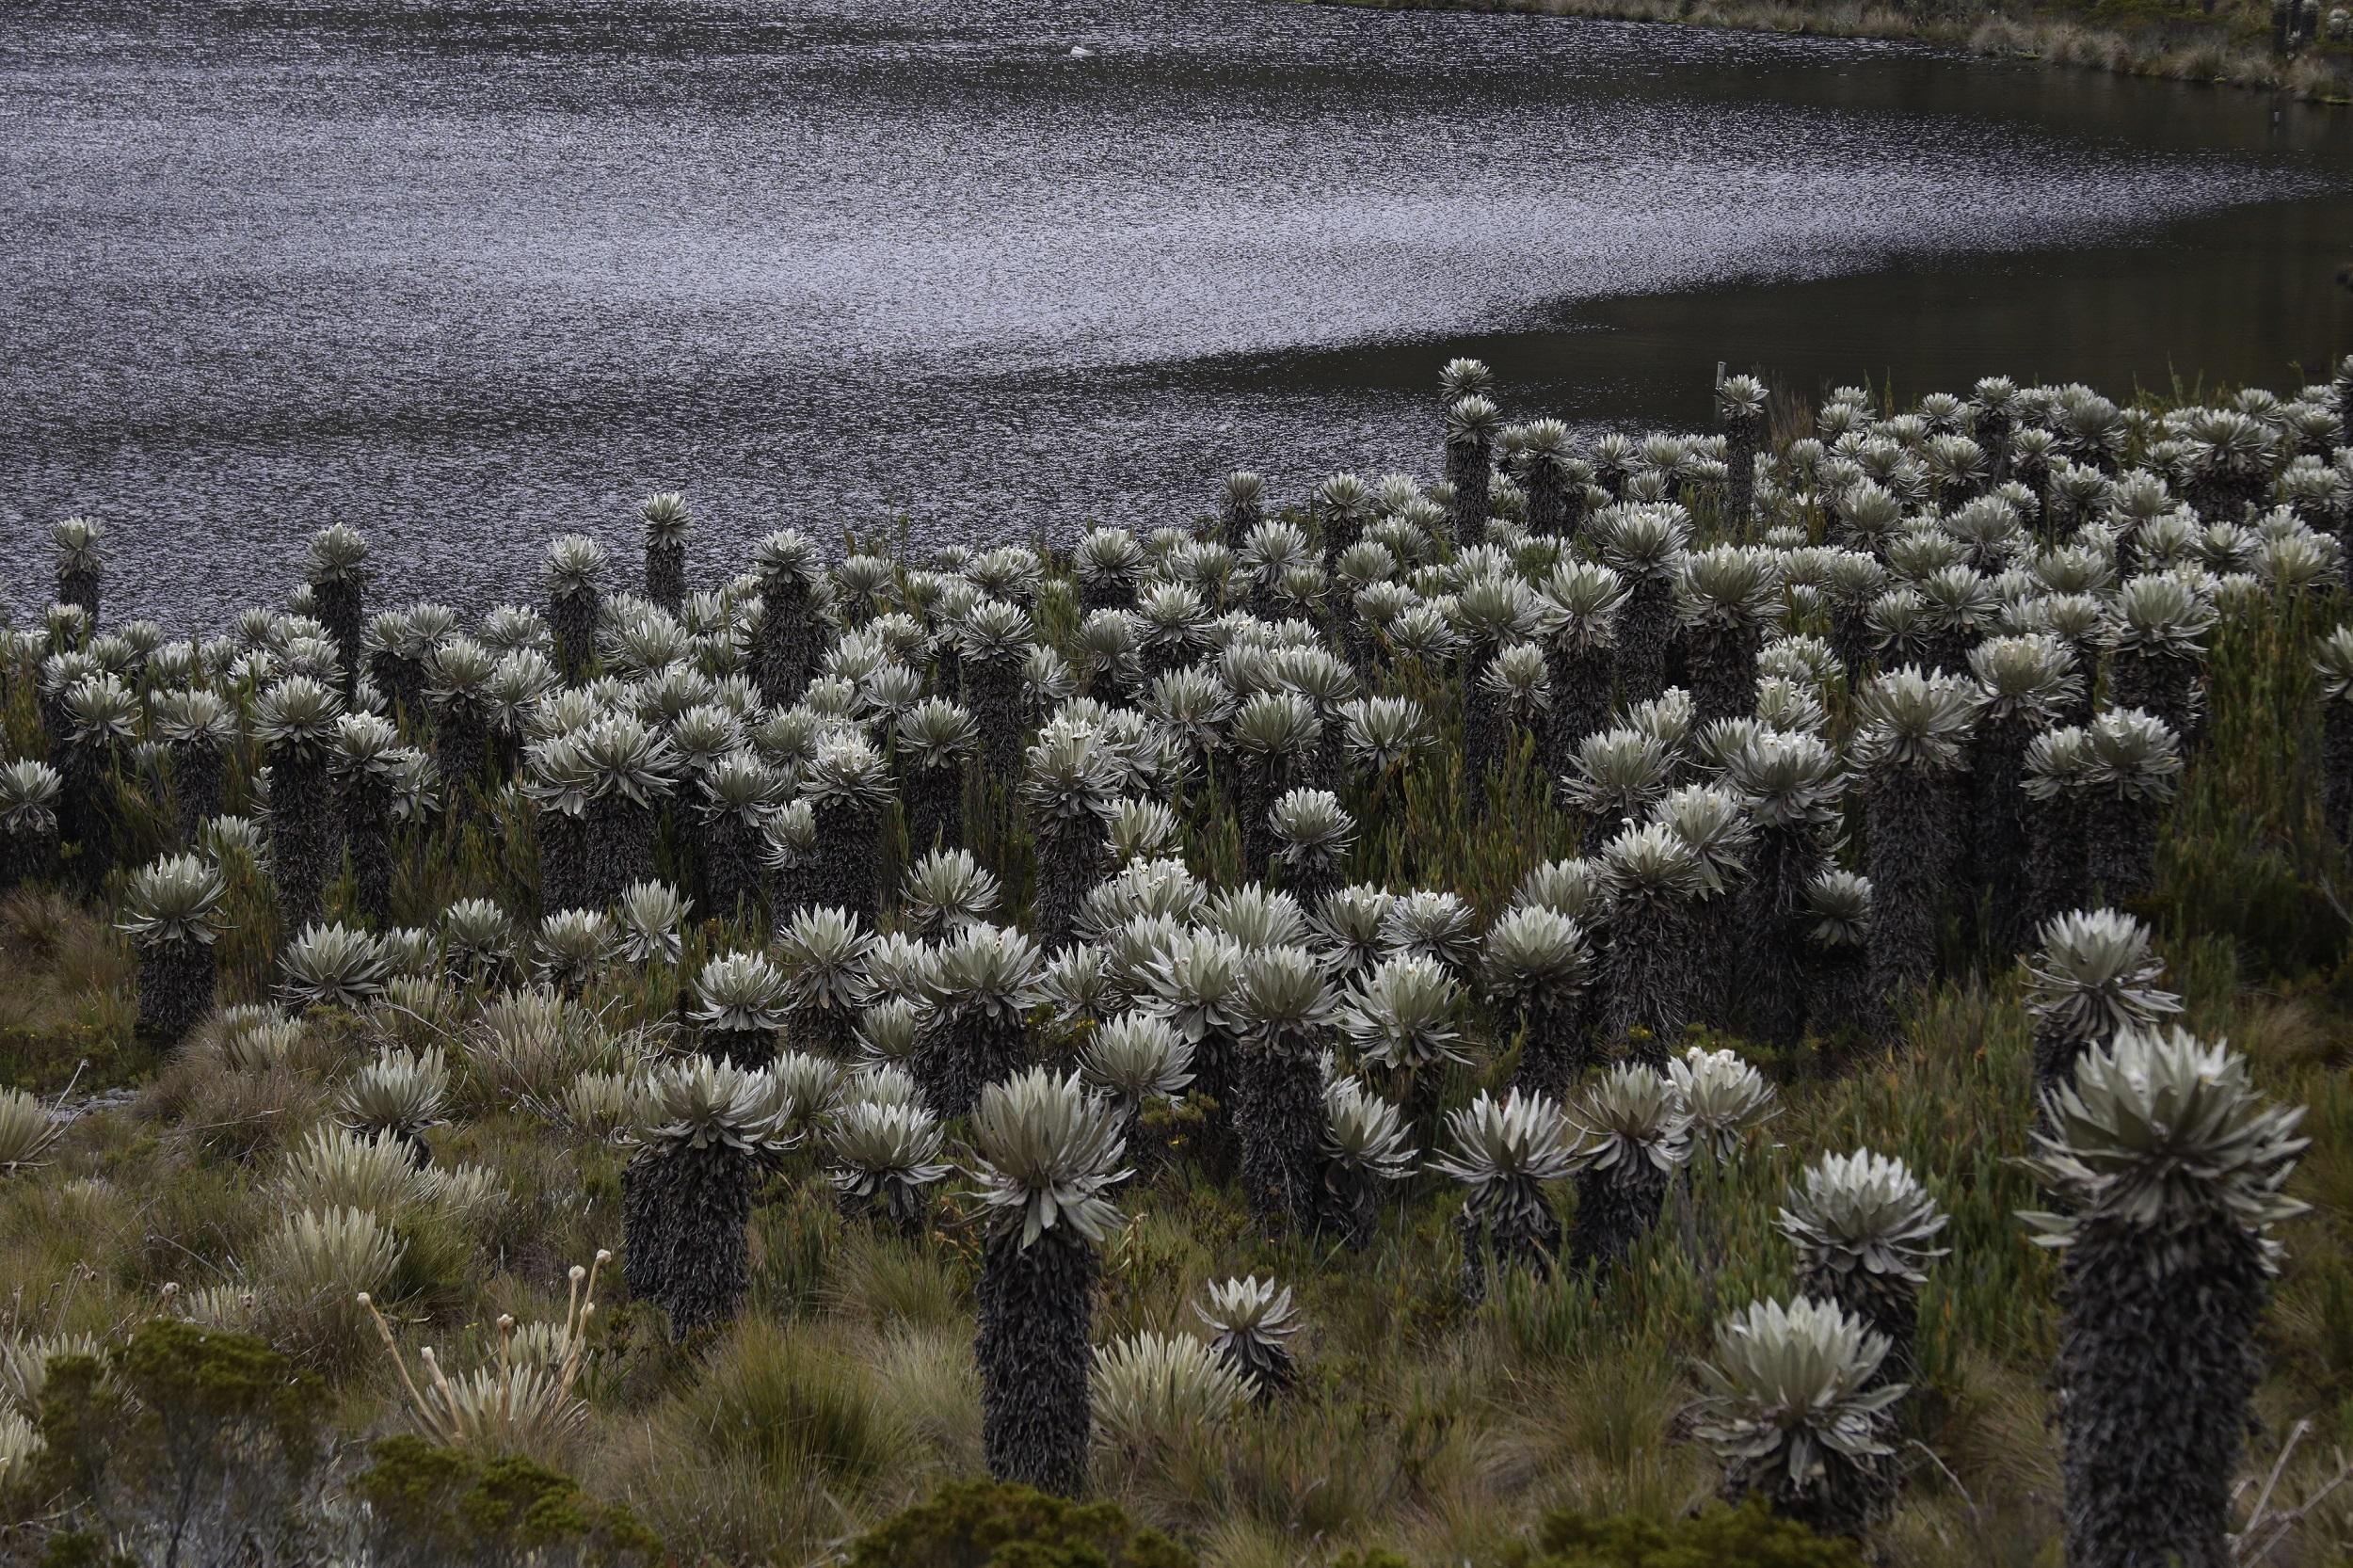 El frailejón es una especie típica de los ecosistemas de páramo. Foto: Gobernación de Boyacá.